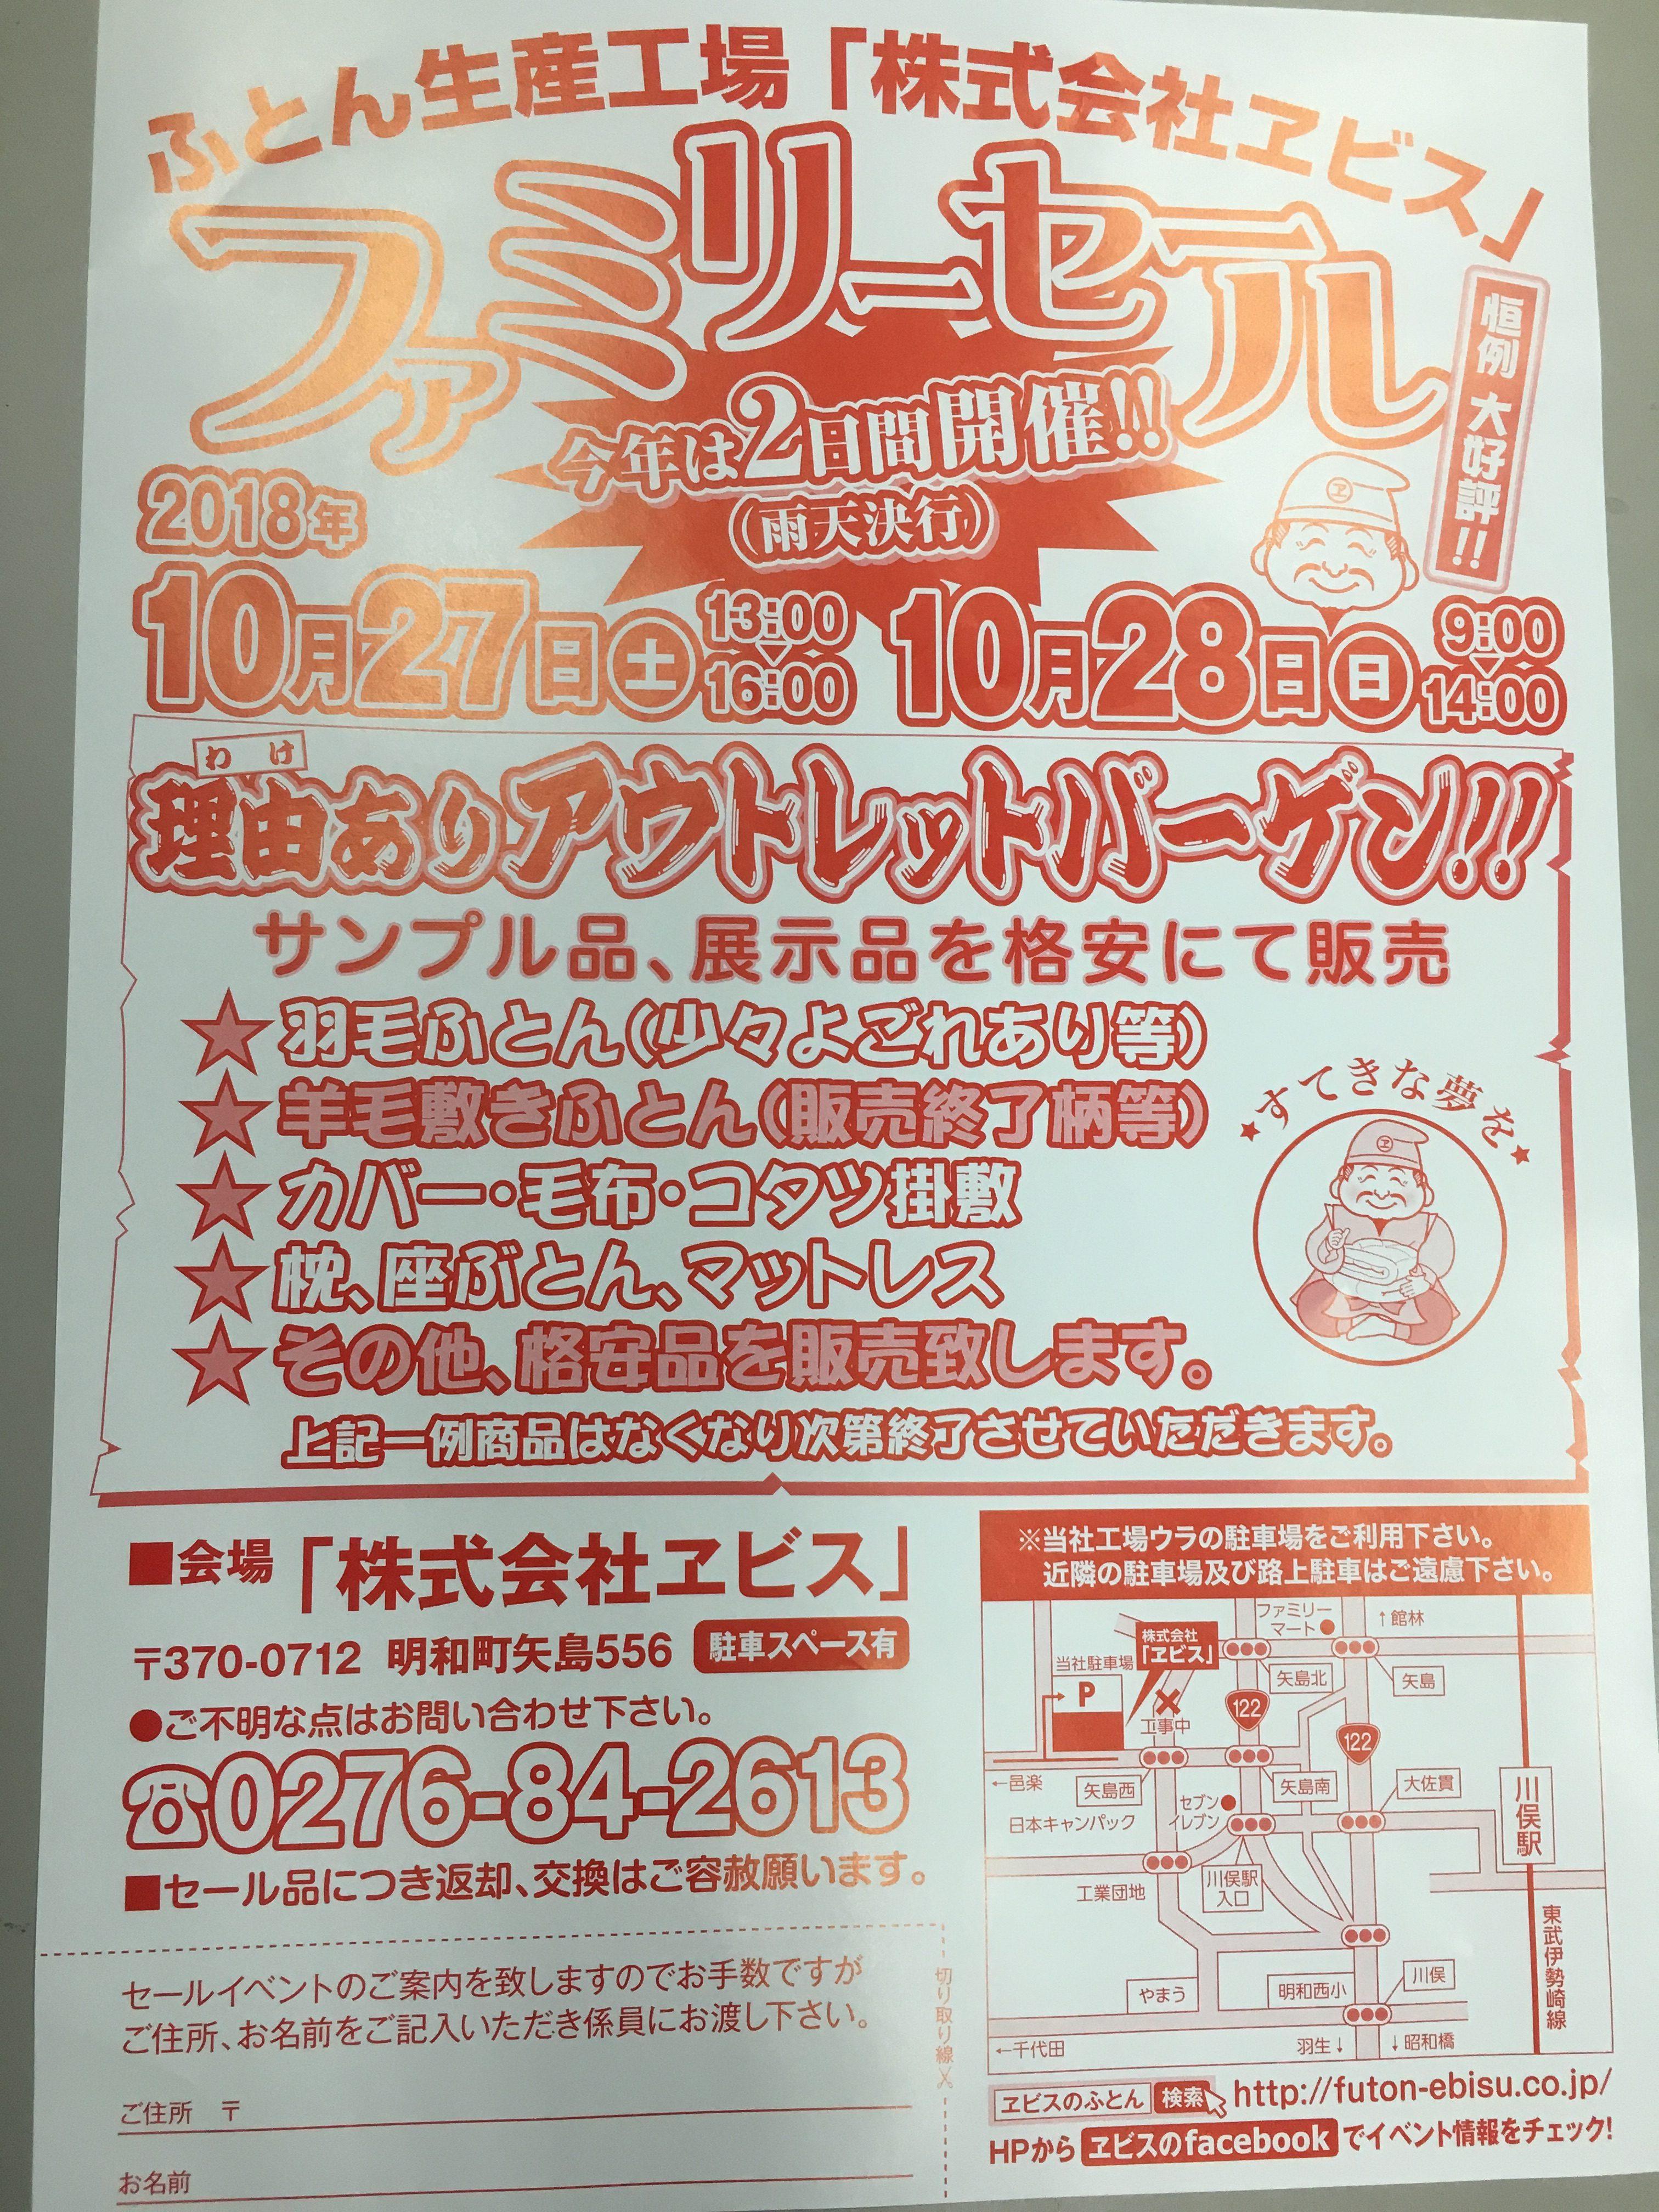 ファミリーセールが開催されます。